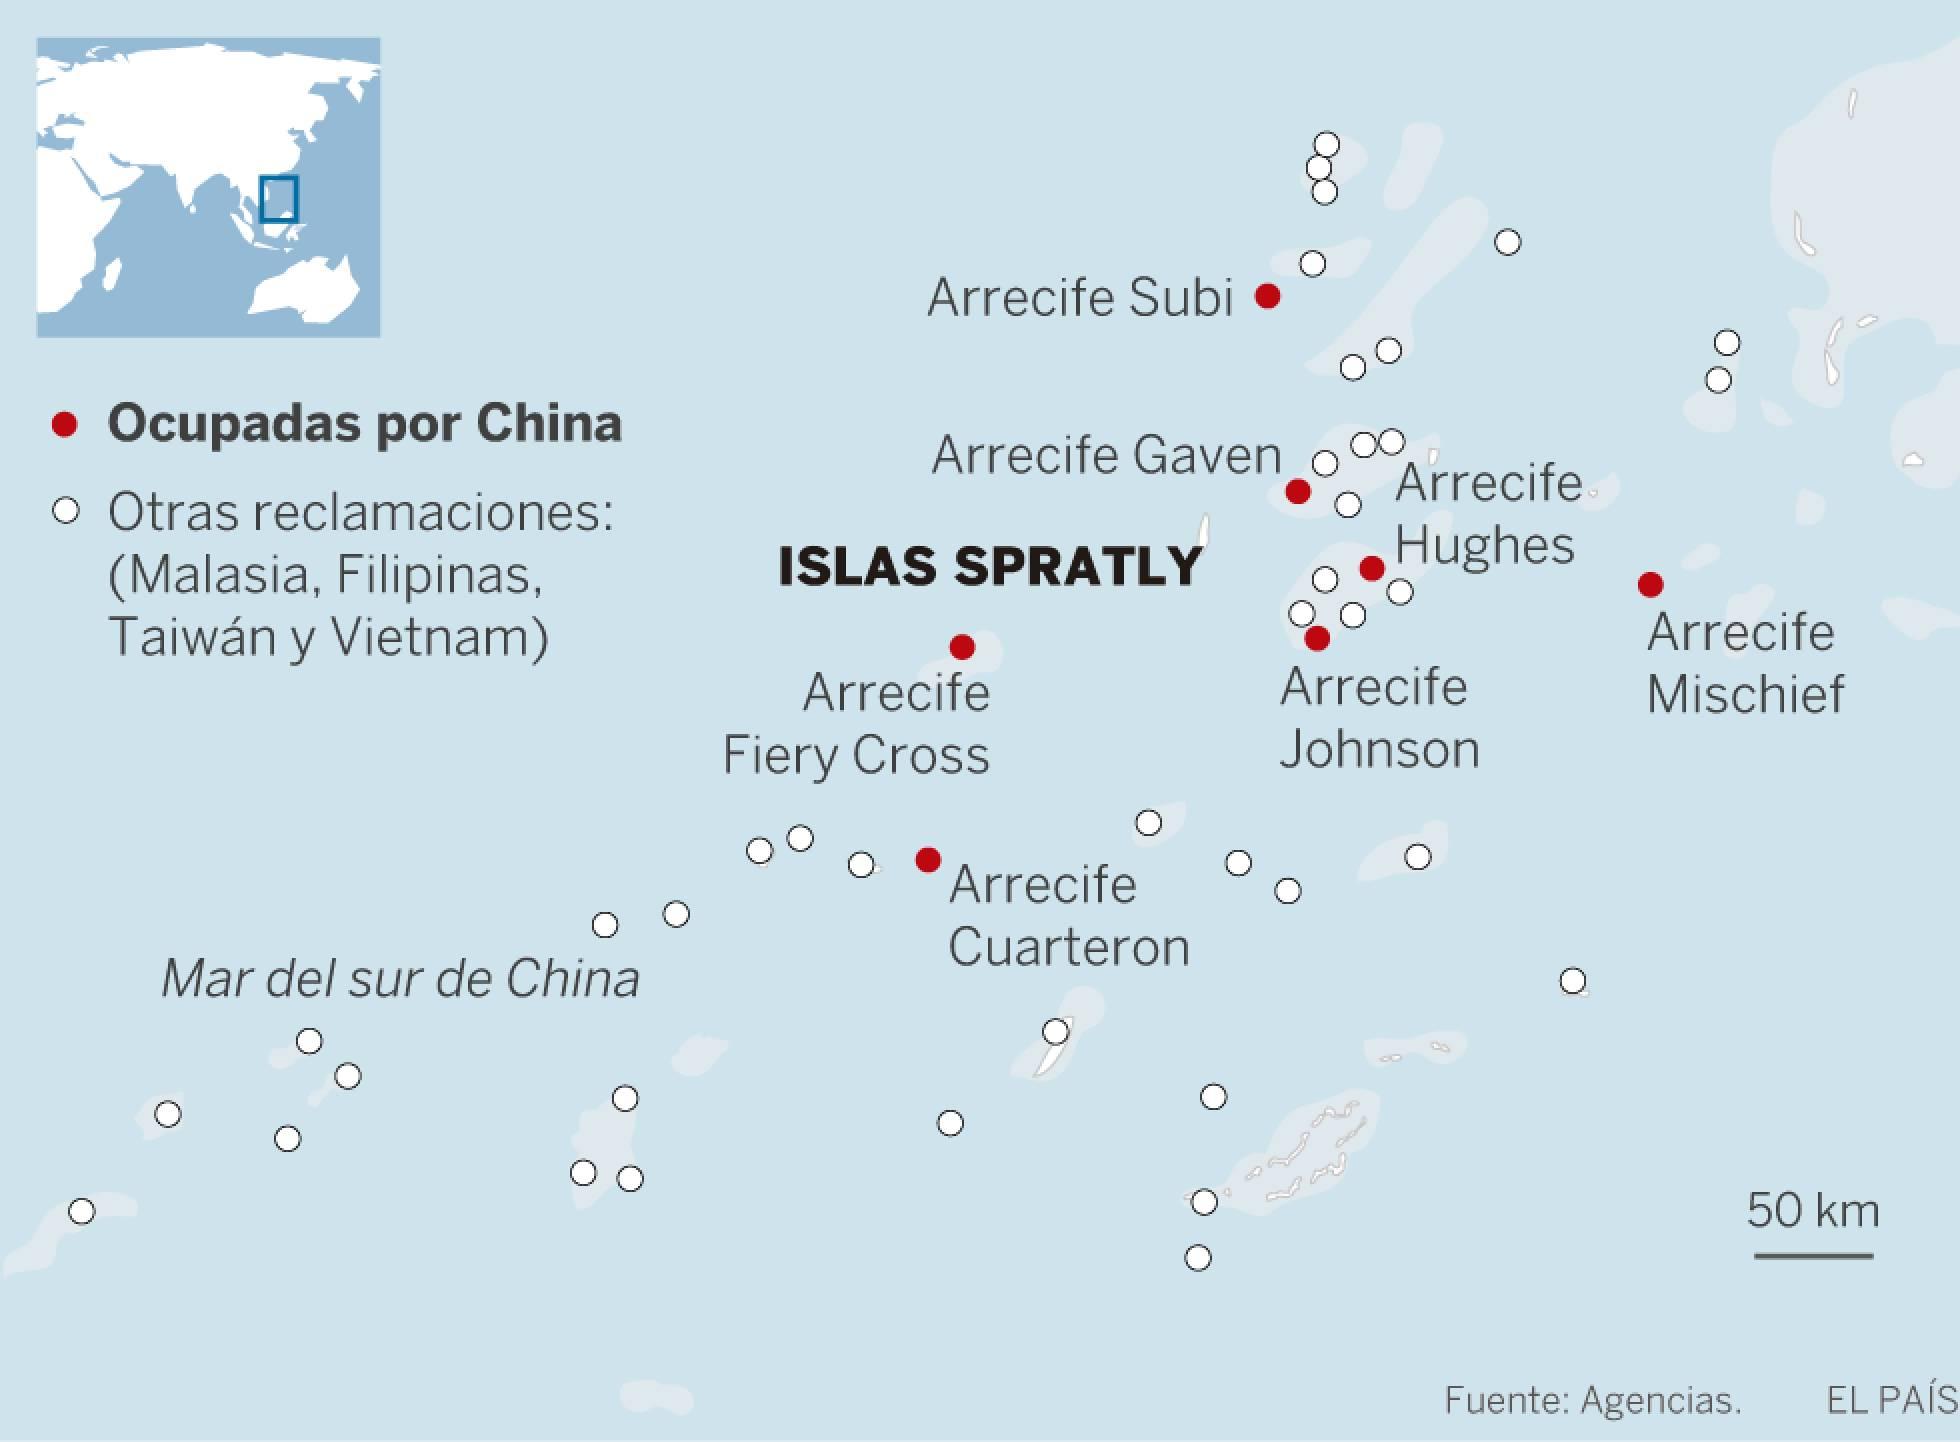 Islas en conflicto en Sudasia- Spratley,Paracel - conflictos, documentacion, acuerdos y articulos  -Ahora administradas desde la Isla de Hainan, China Abr 2020  - Página 2 1481783775_029496_1481819467_sumario_normal_recorte1